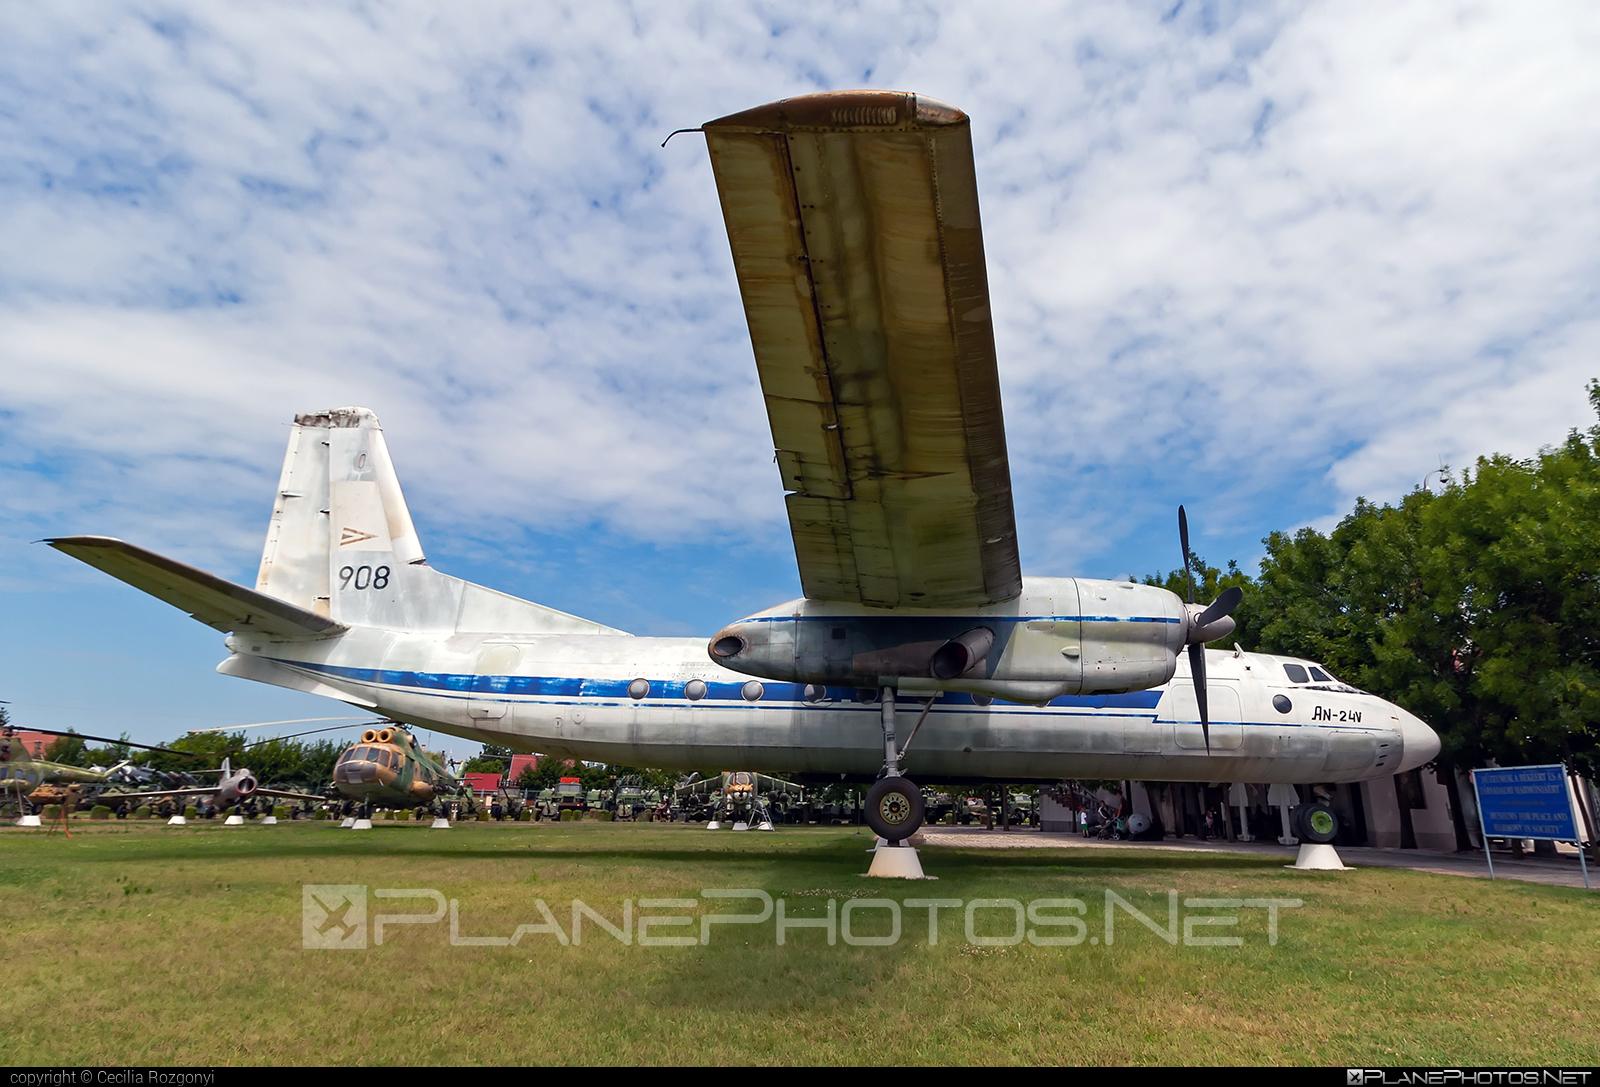 Antonov An-24V - 908 operated by Magyar Légierő (Hungarian Air Force) #an24 #an24v #antonov #antonov24 #hungarianairforce #magyarlegiero